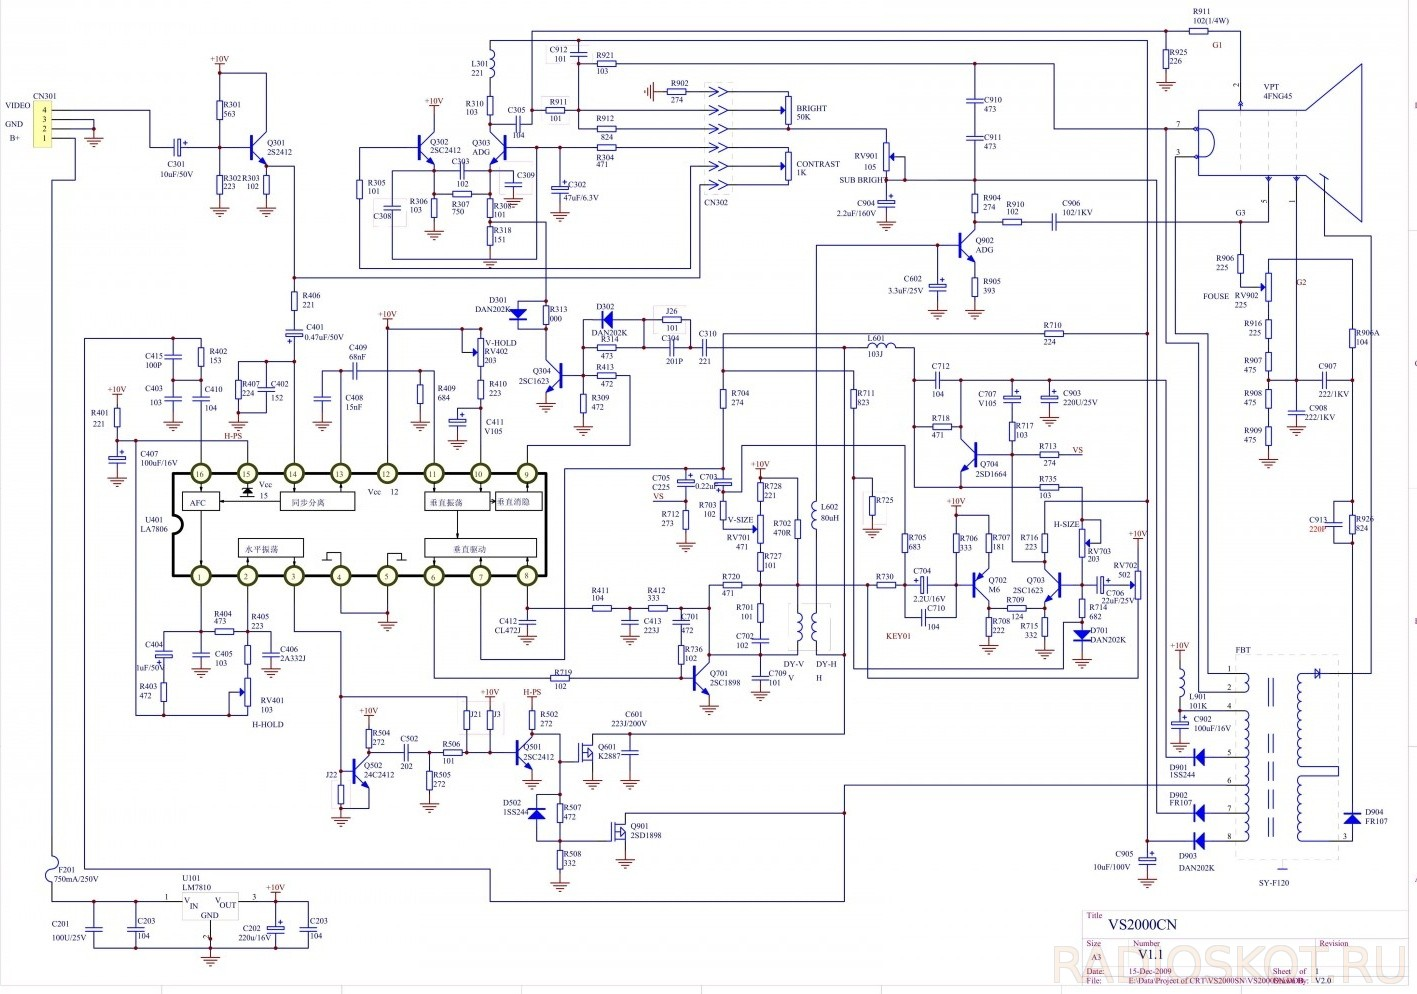 Powercom wow-300 схема не включается причина6